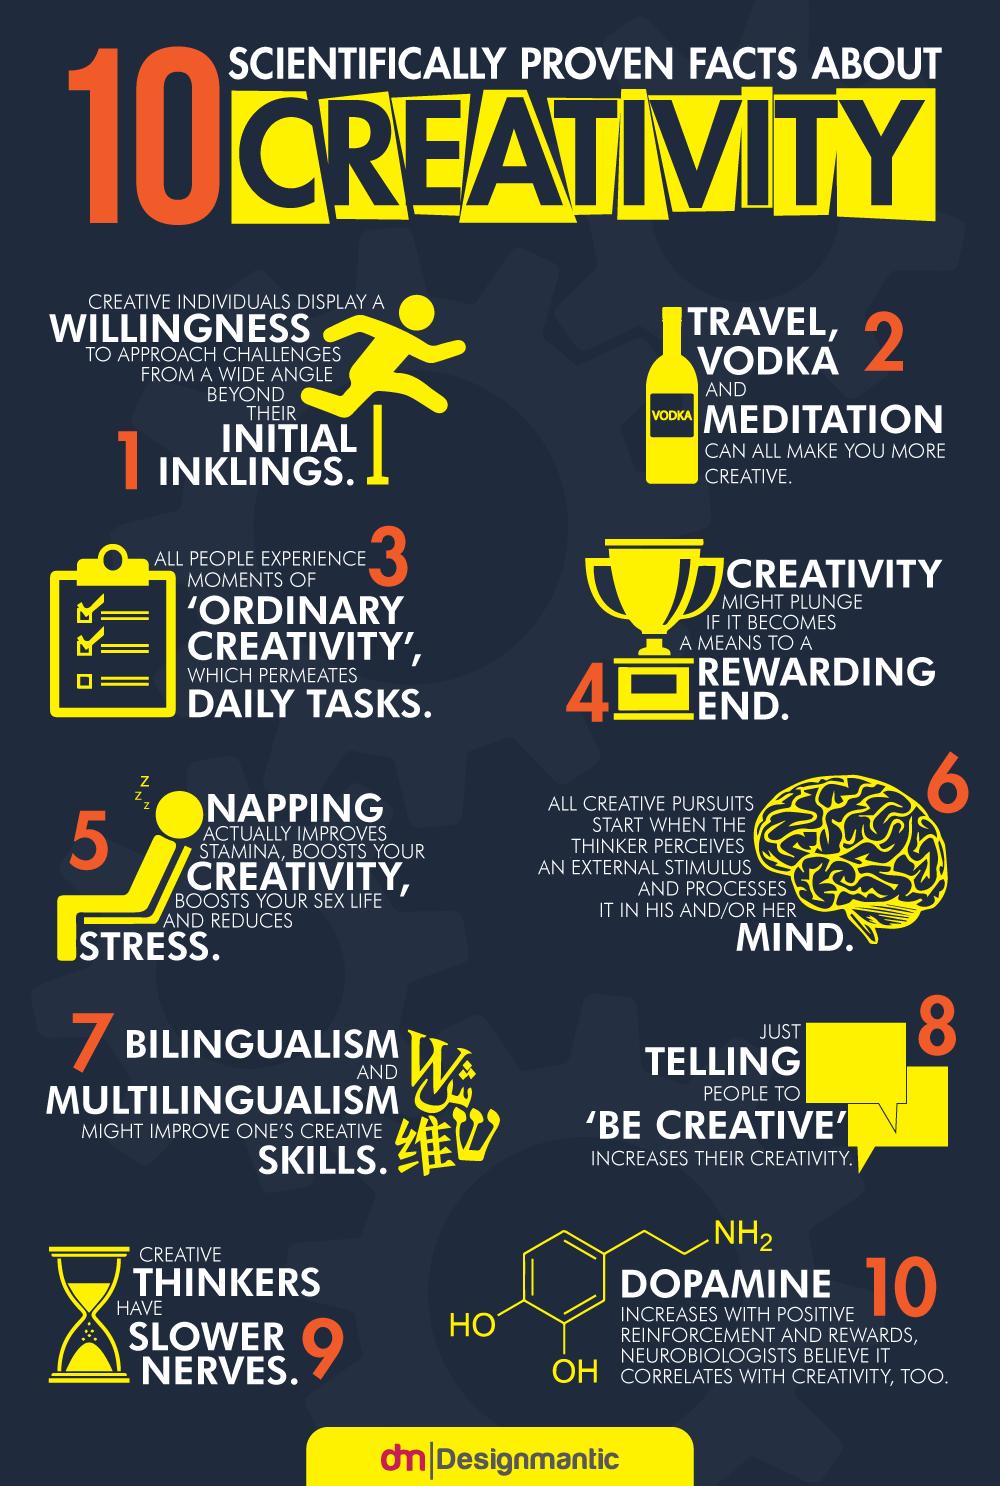 10 hechos científicamente probados relacionados con la creatividad